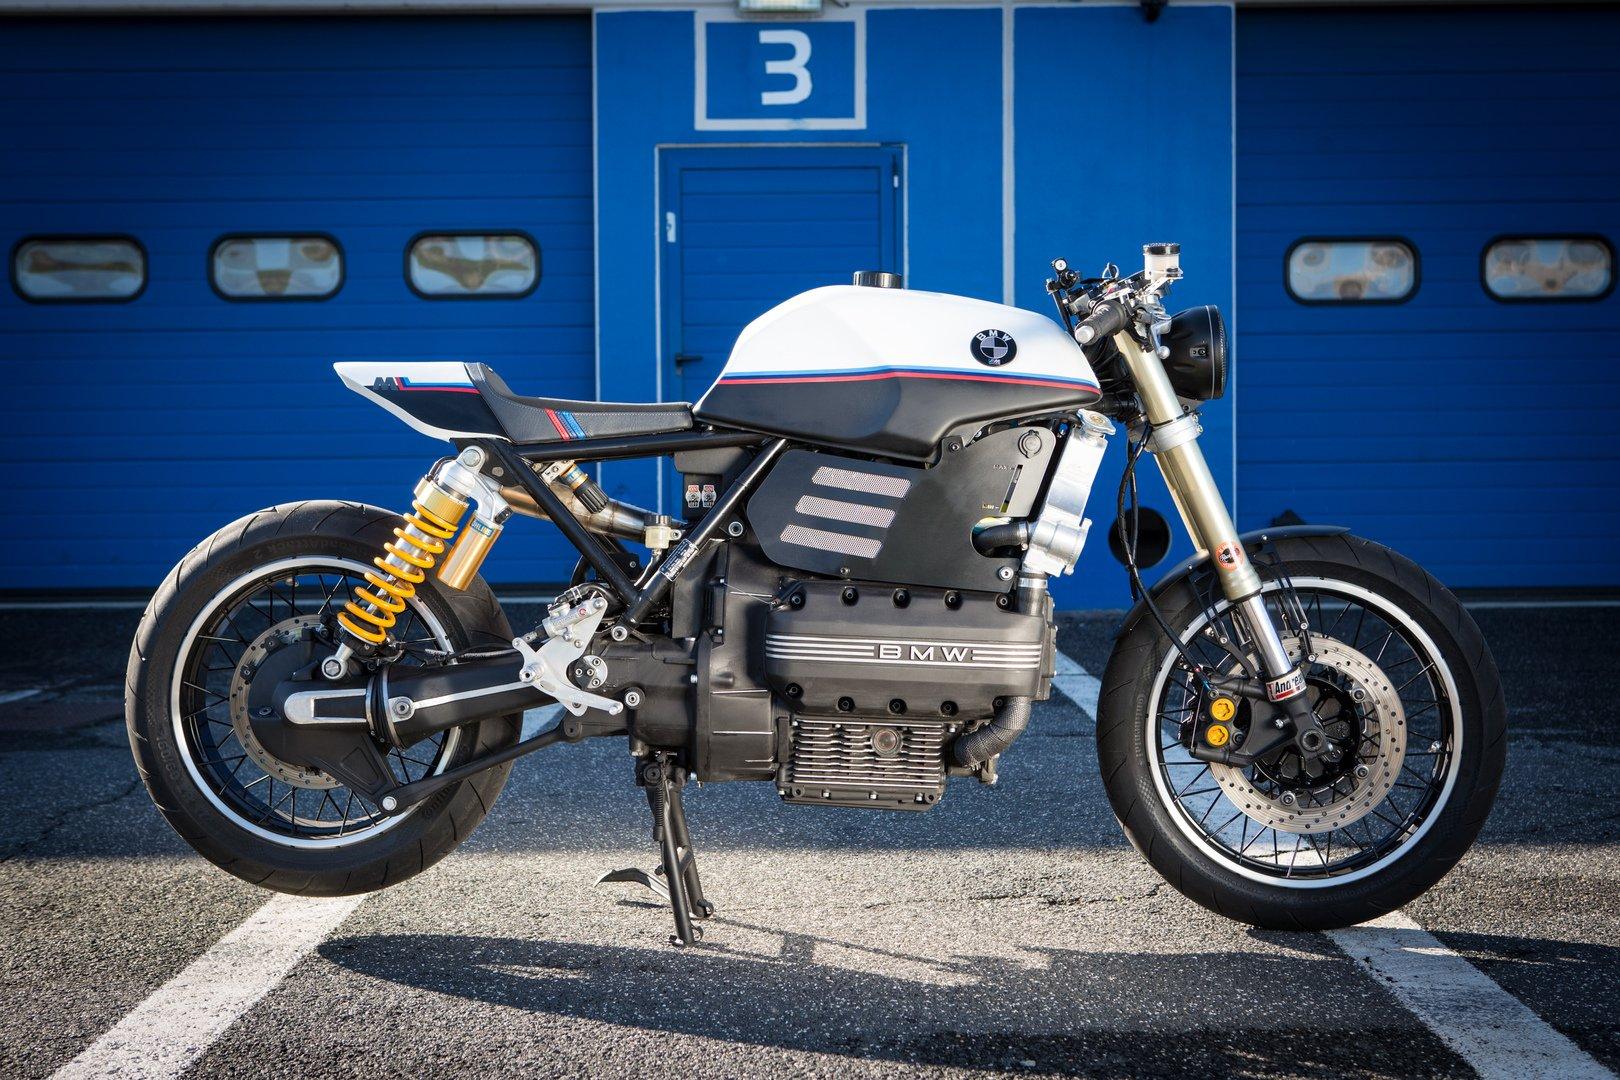 Bmw K1100 Lt Cafe Racer